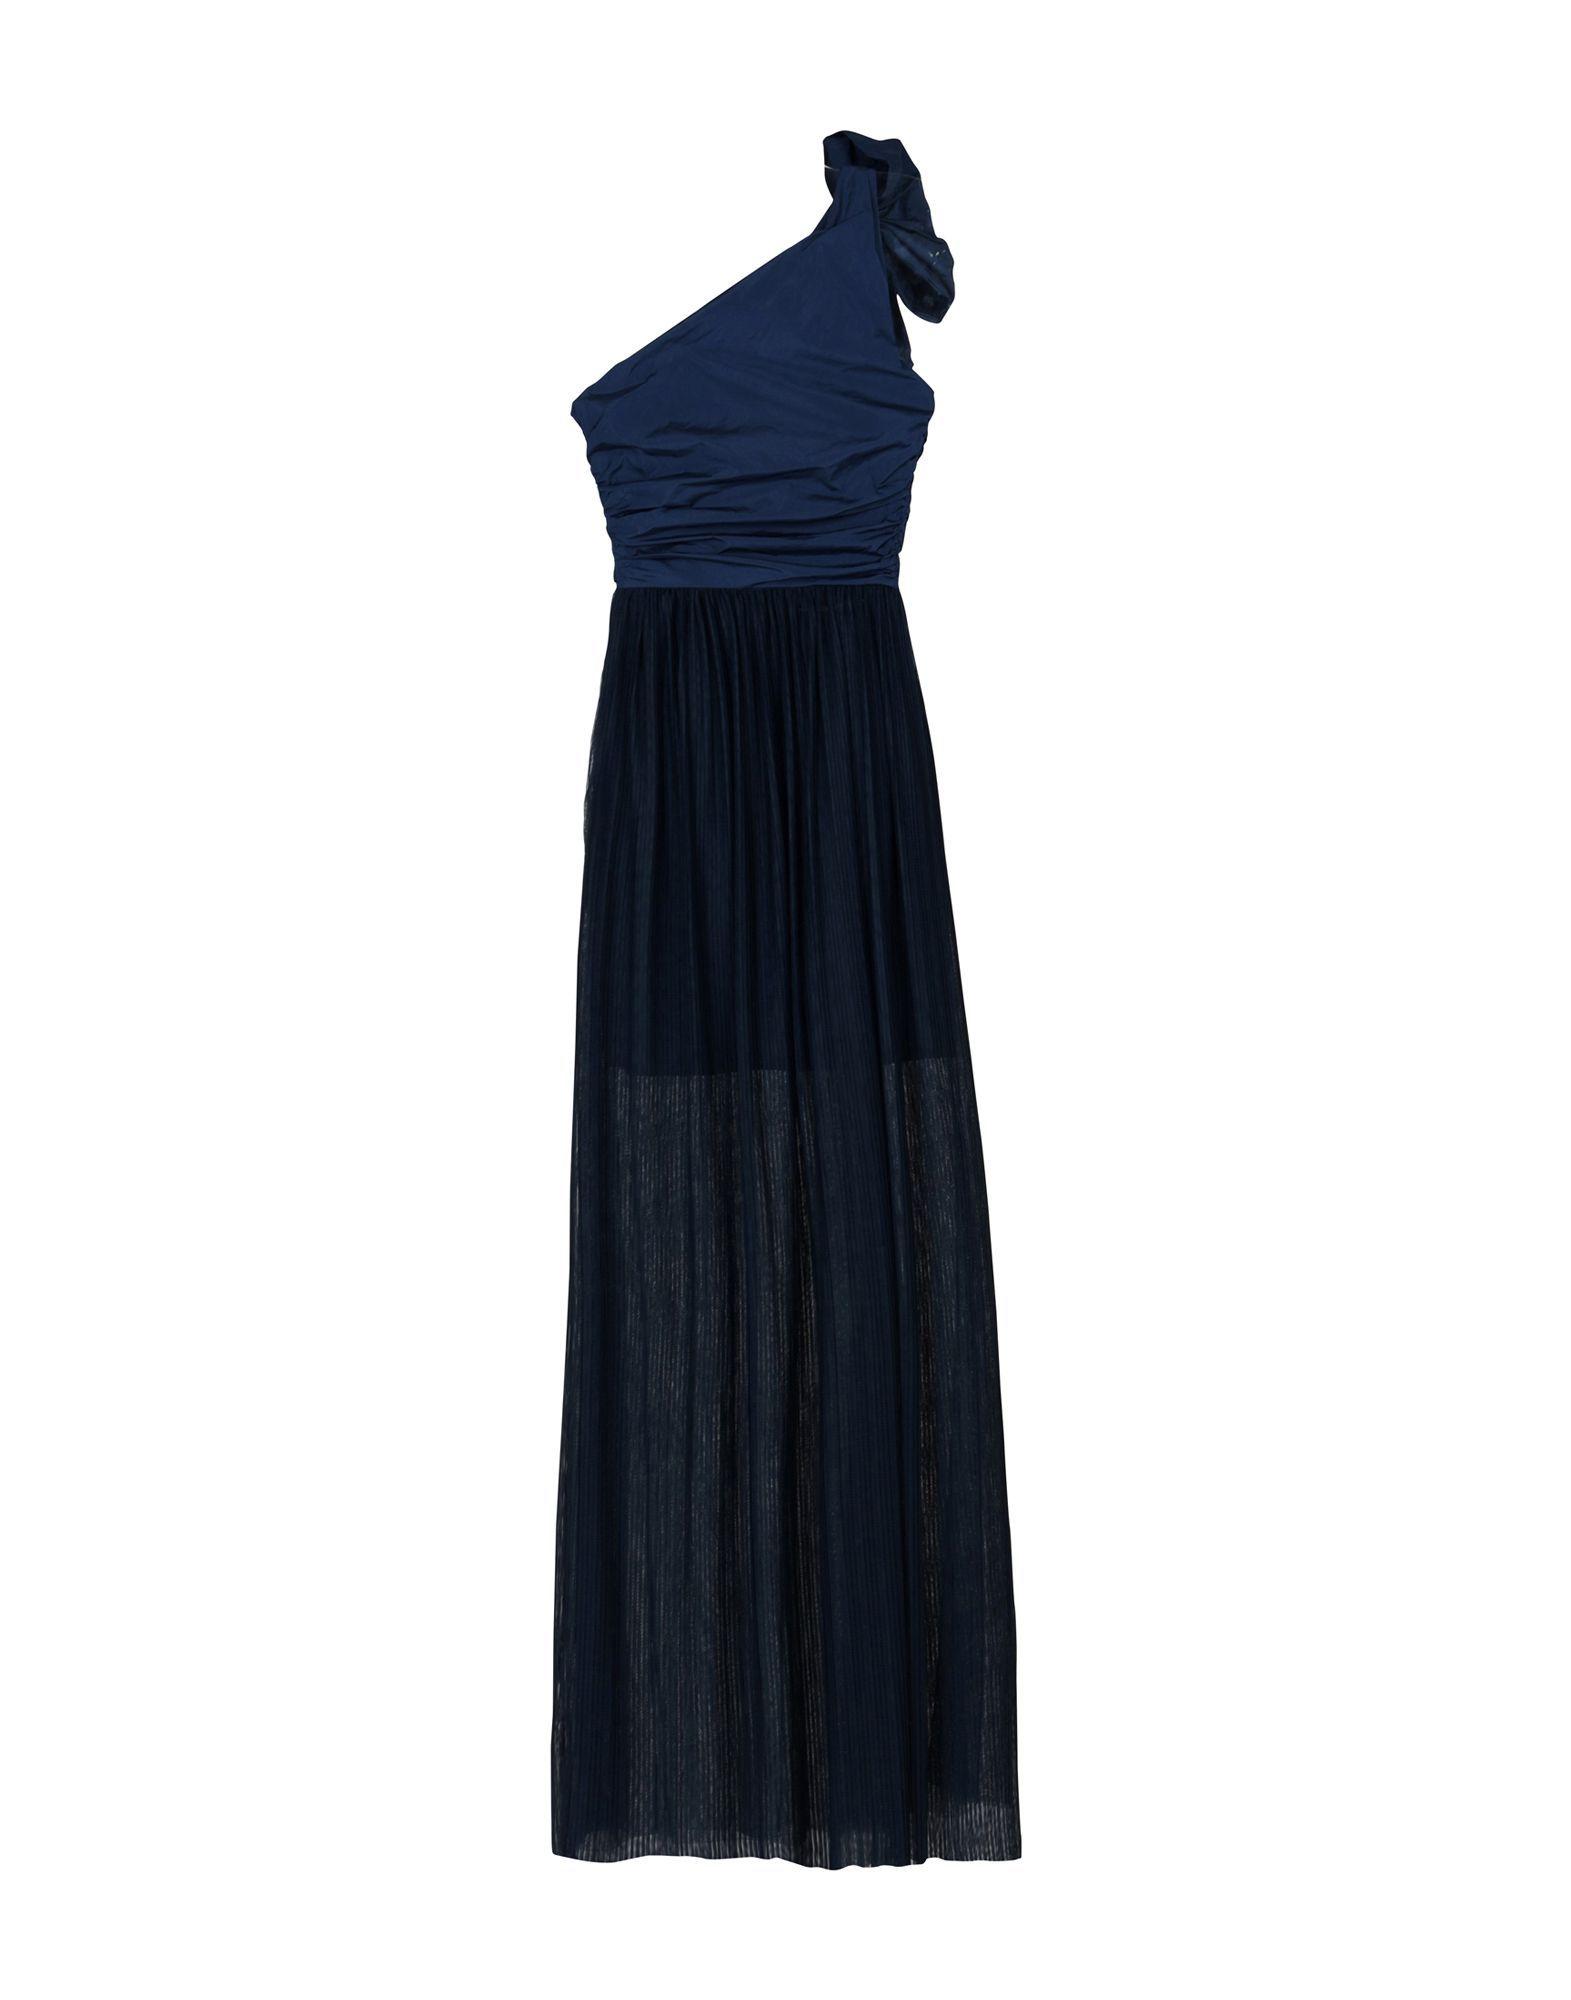 Pinko Dark Blue Full Length Dress